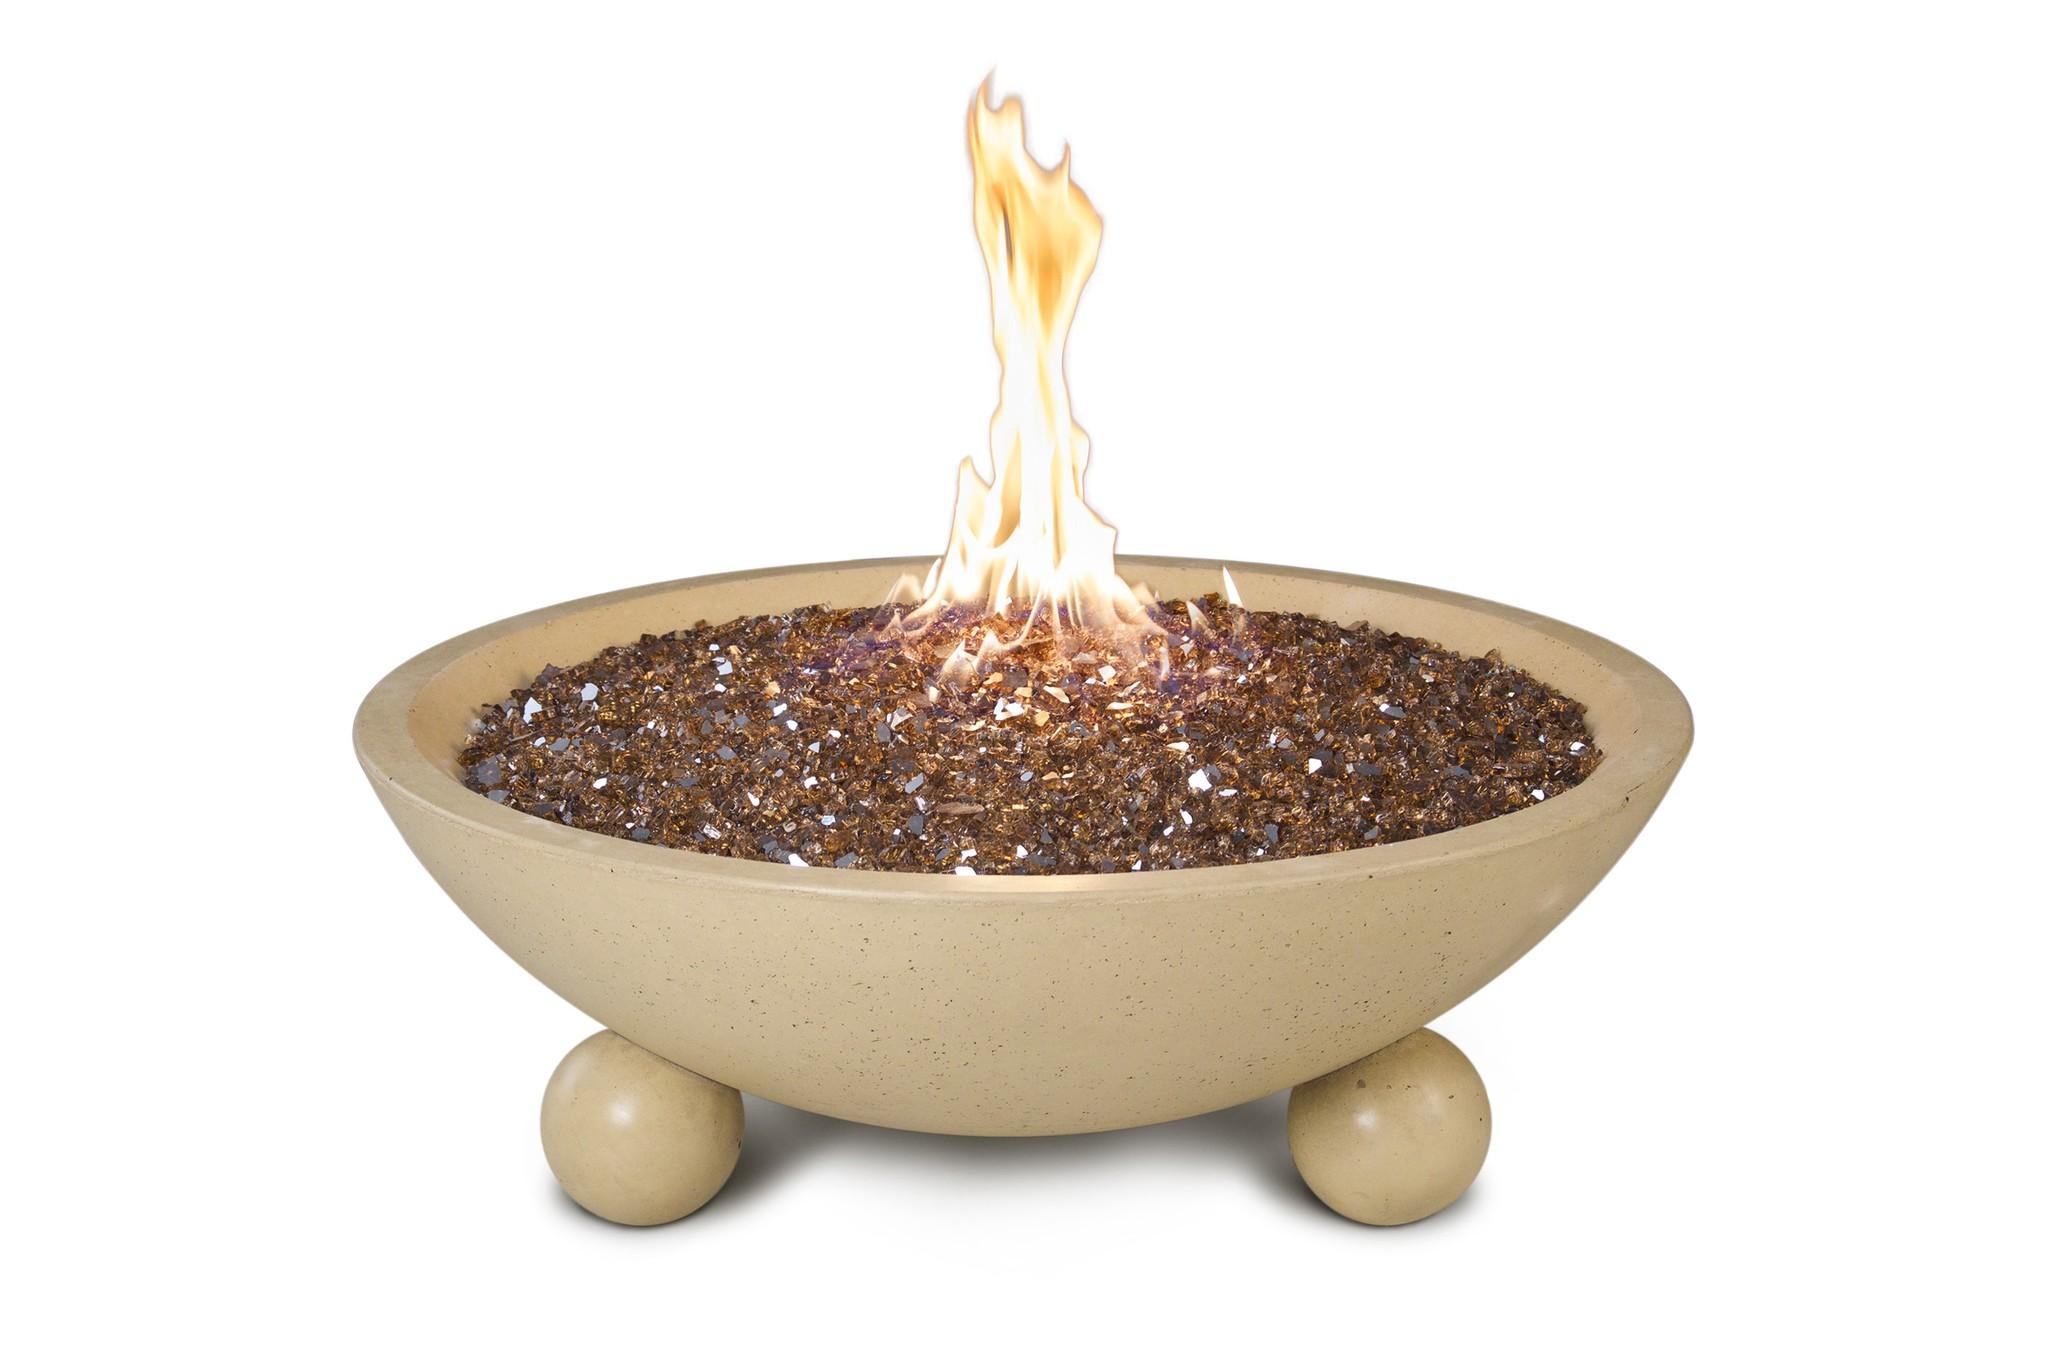 32 Quot Versailles Fire Bowl Hauser S Patio